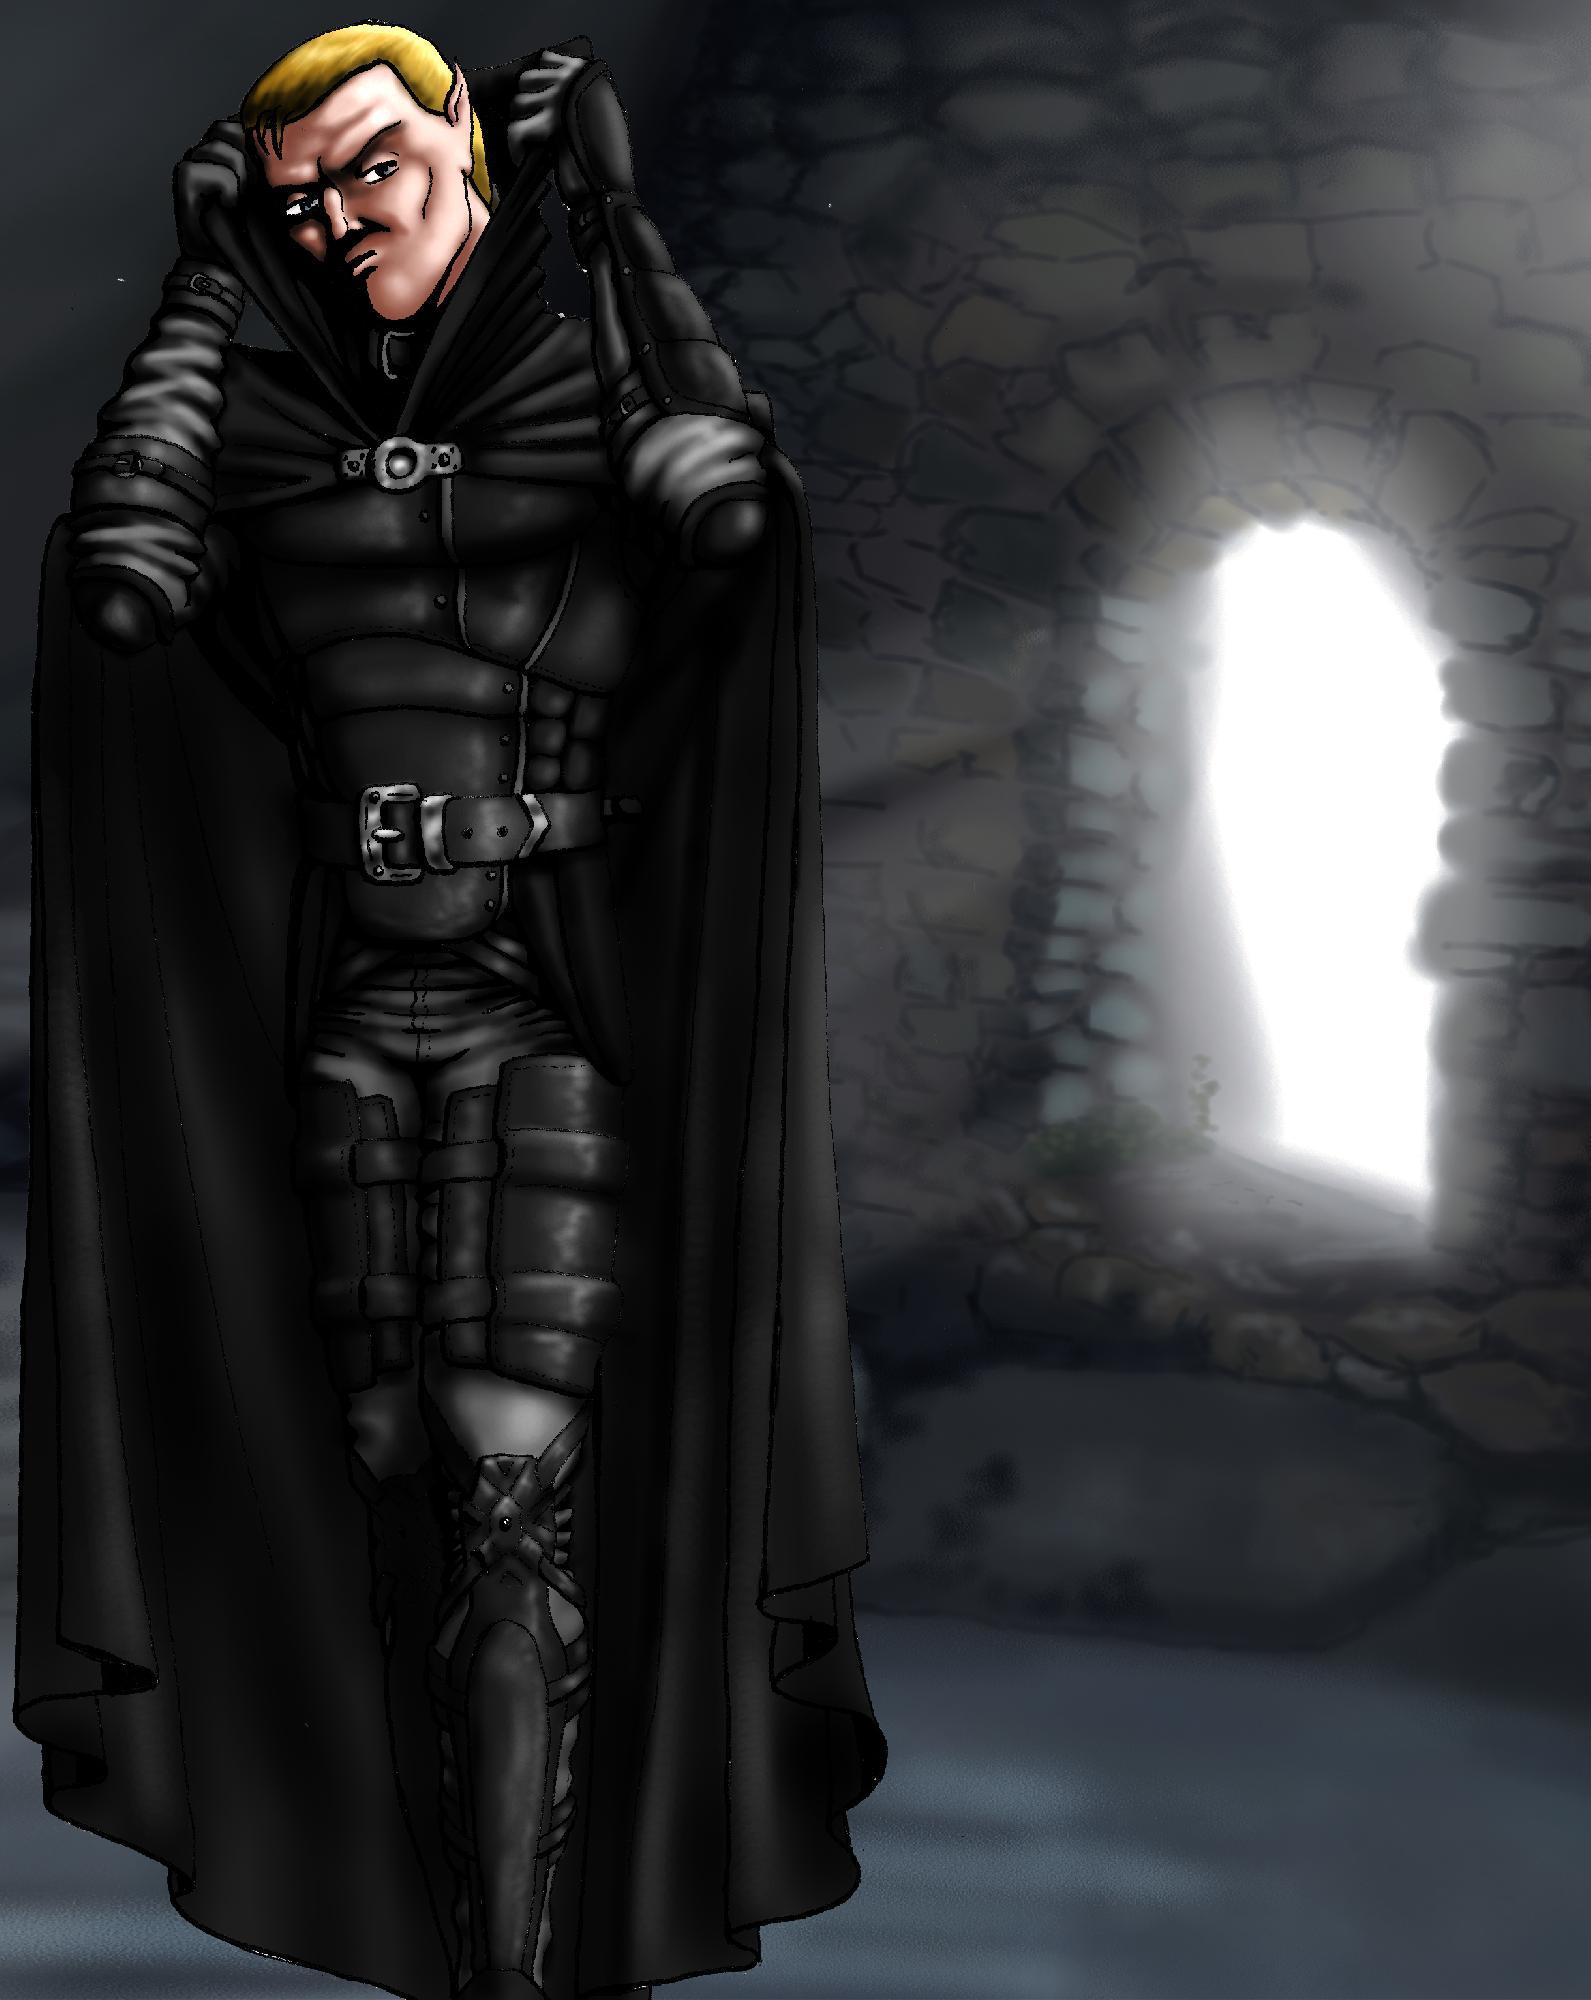 Fugitifs : Dessins des personnages joueurs Image5c811b87d60ff